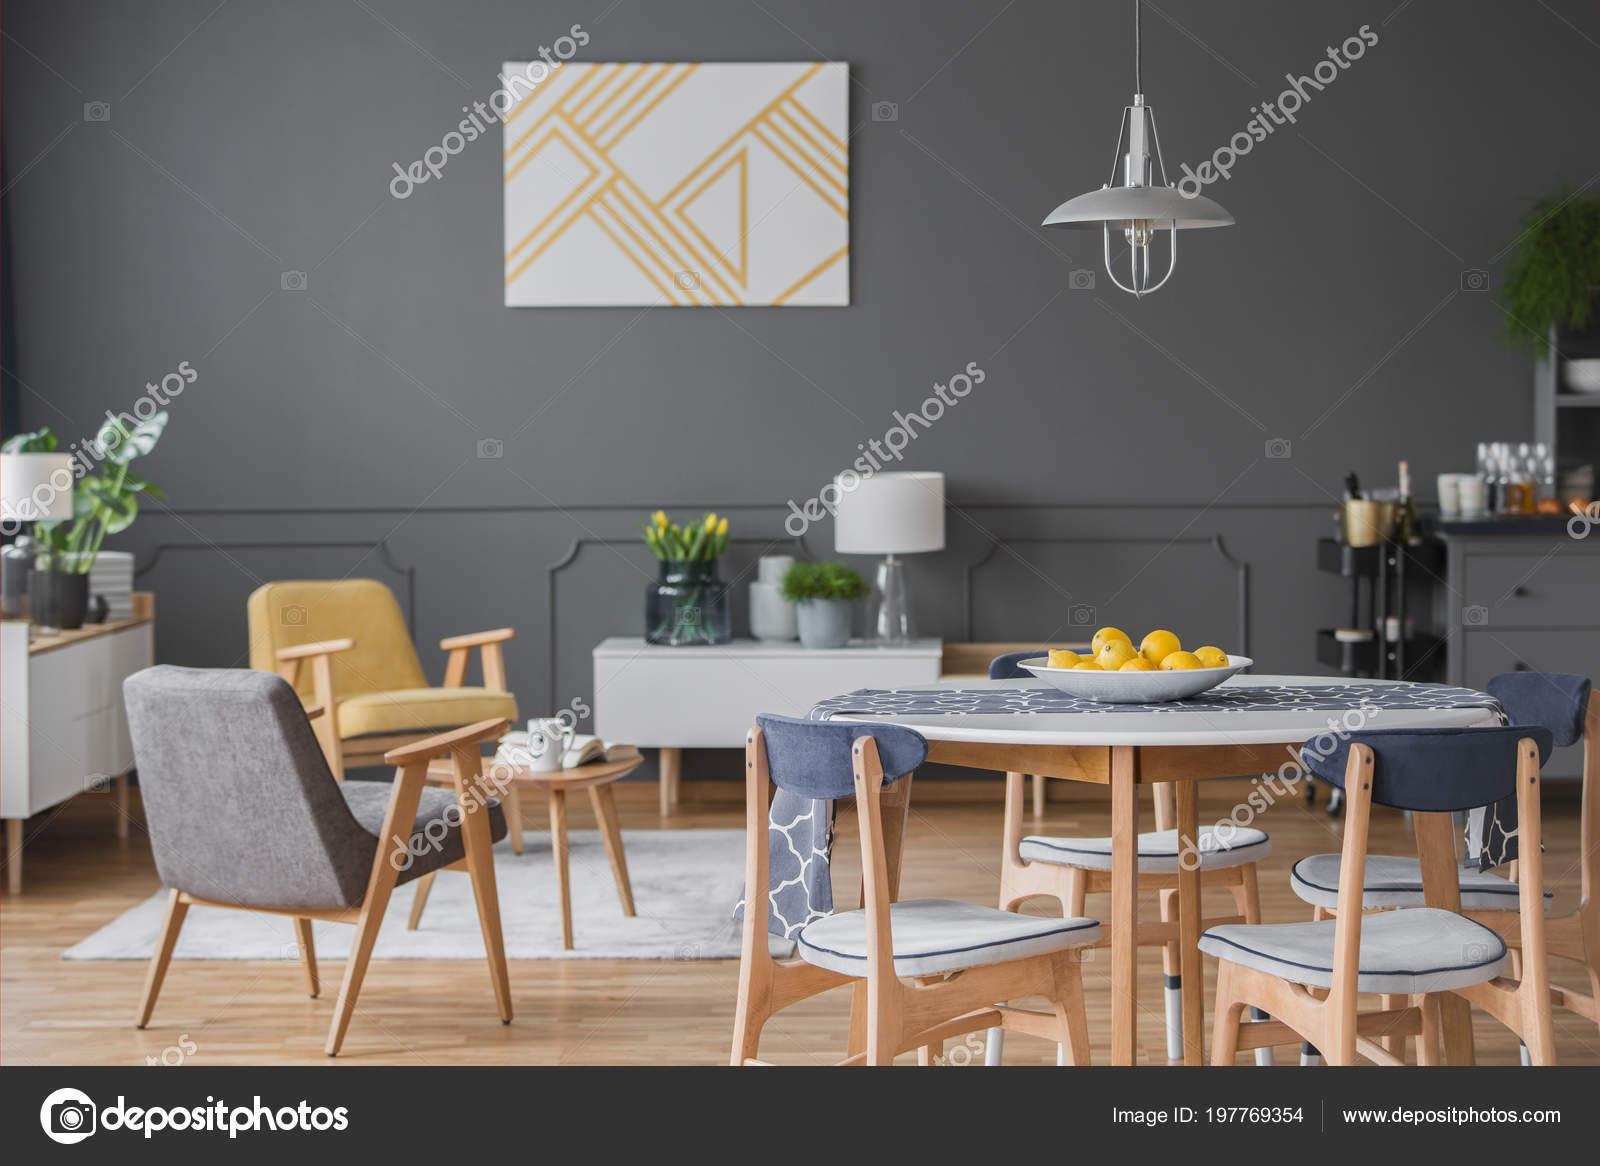 https://st4.depositphotos.com/2249091/19776/i/1600/depositphotos_197769354-stockafbeelding-houten-stoelen-bij-eettafel-grijs.jpg